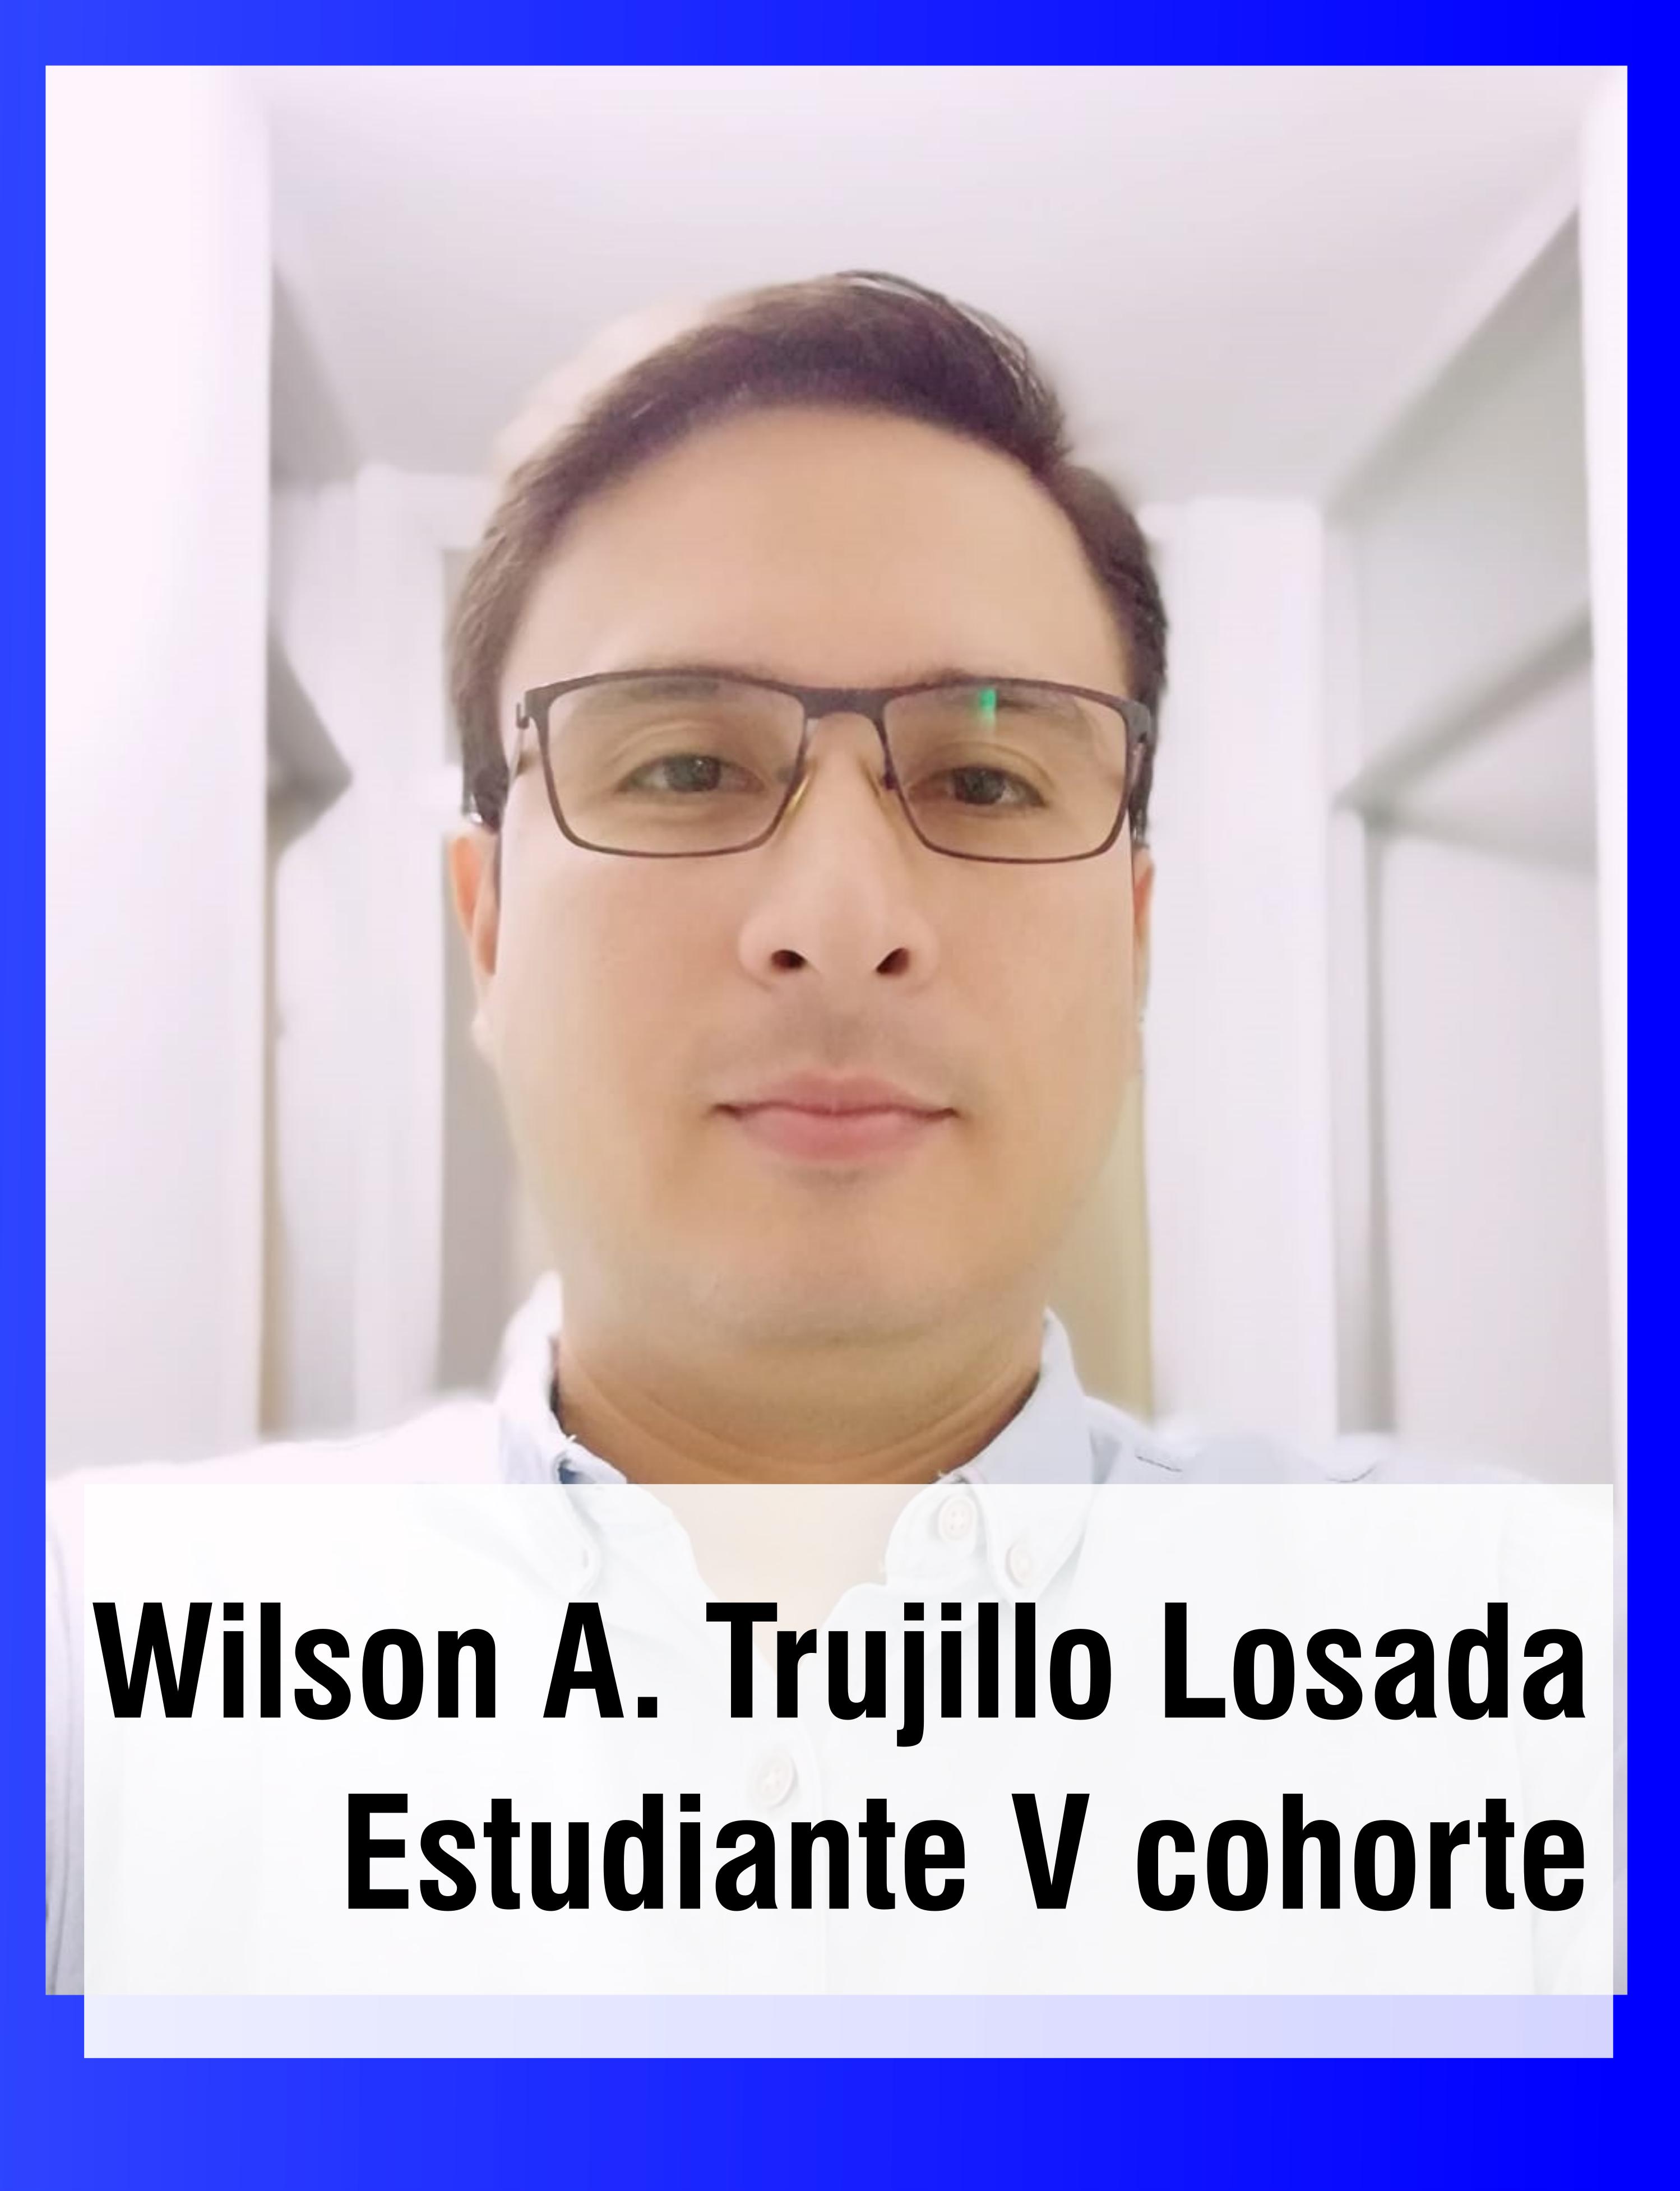 Wilson Andrés Trujillo Losada